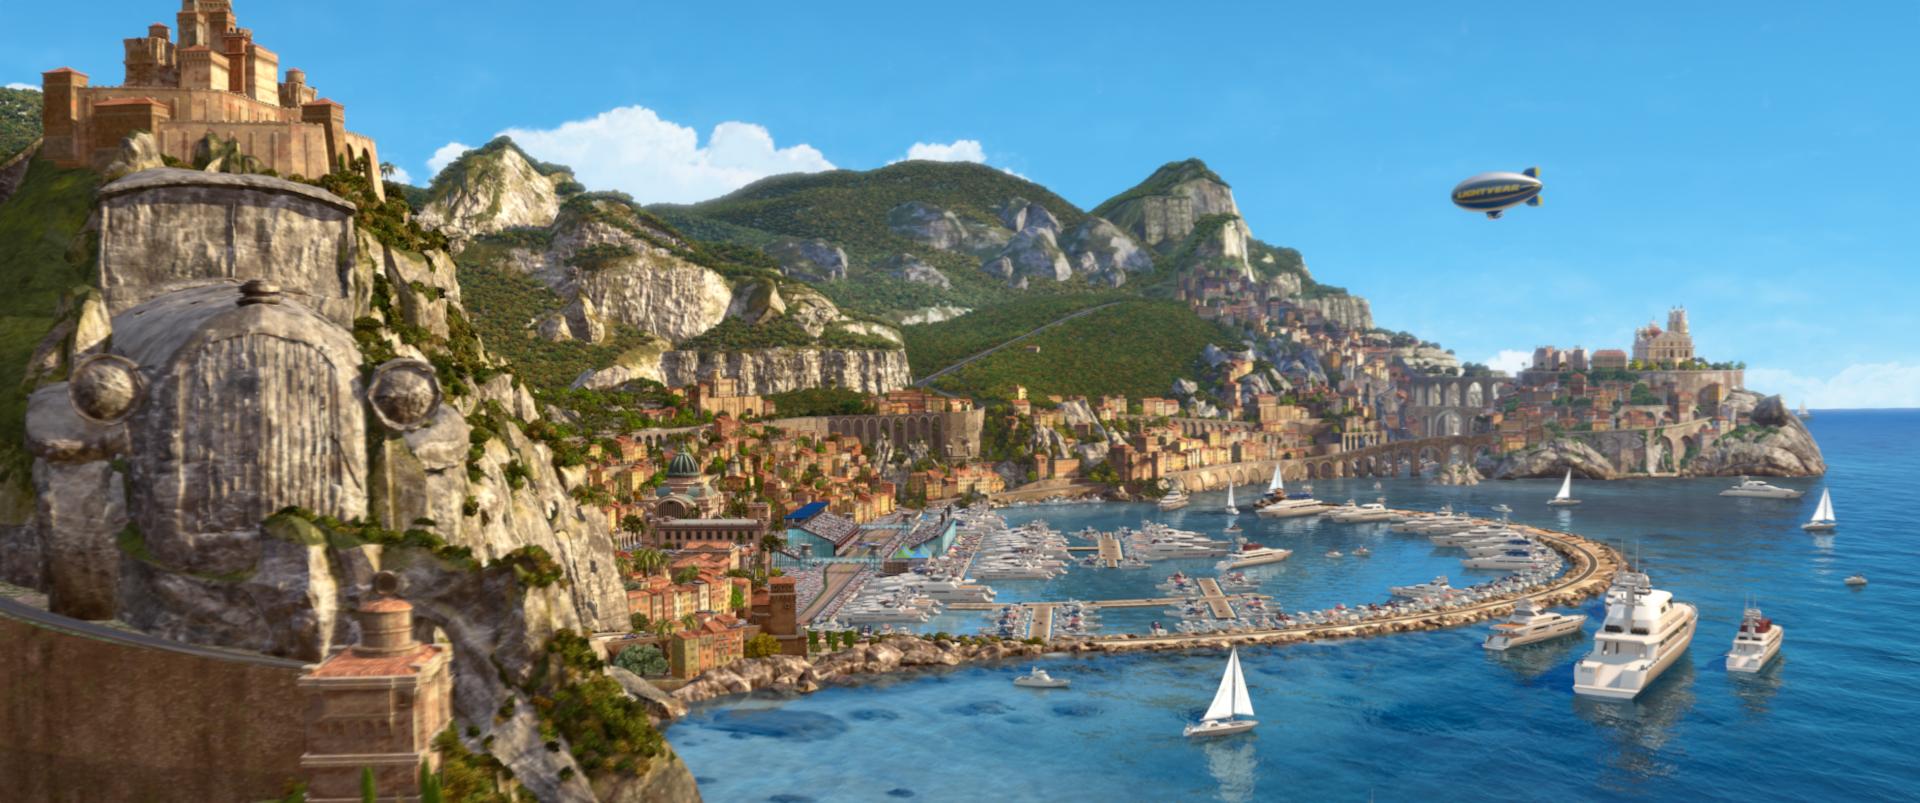 Porto Corsa | Pixar Wiki | Fandom powered by Wikia